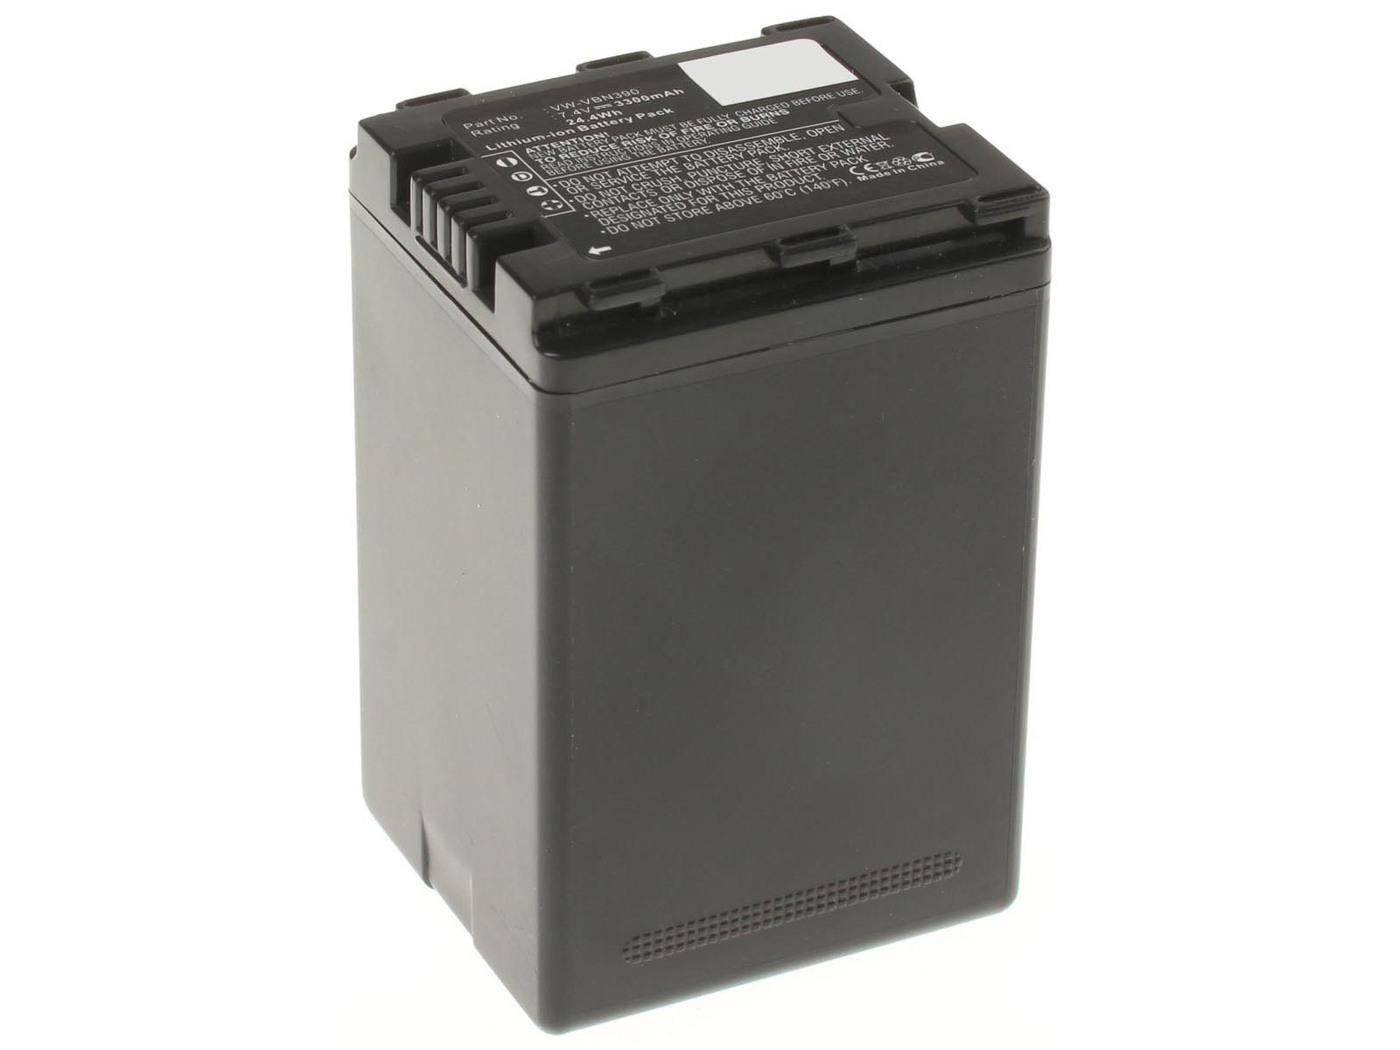 Аккумуляторная батарея iBatt iB-T1-F403 3300mAh для камер Panasonic HC-X800, HC-X920, HDC-SD800, HC-X900, HC-X810, HDC-TM900, HC-X900M, HDC-SD900, HDC-HS900, HDC-TM900K, HC-X800GK, HC-X900K, HC-X909, HDC-HS900GK, HDC-HS900K,